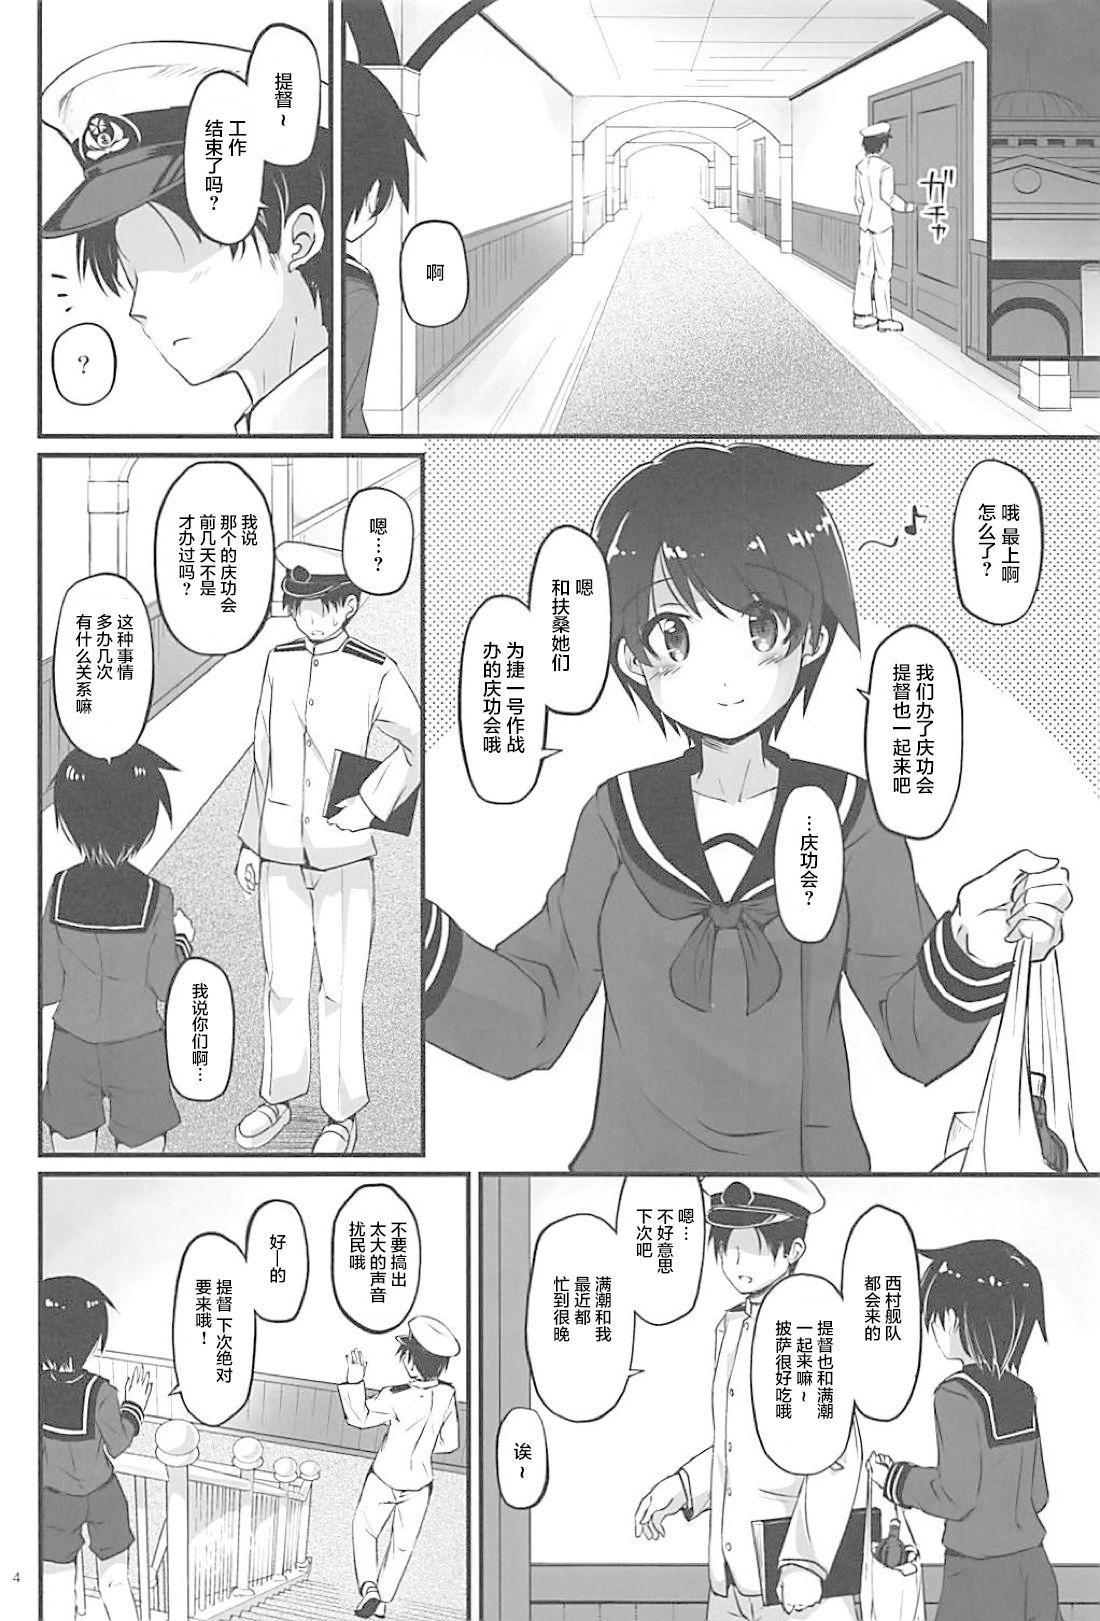 Haruiro Komichi 2